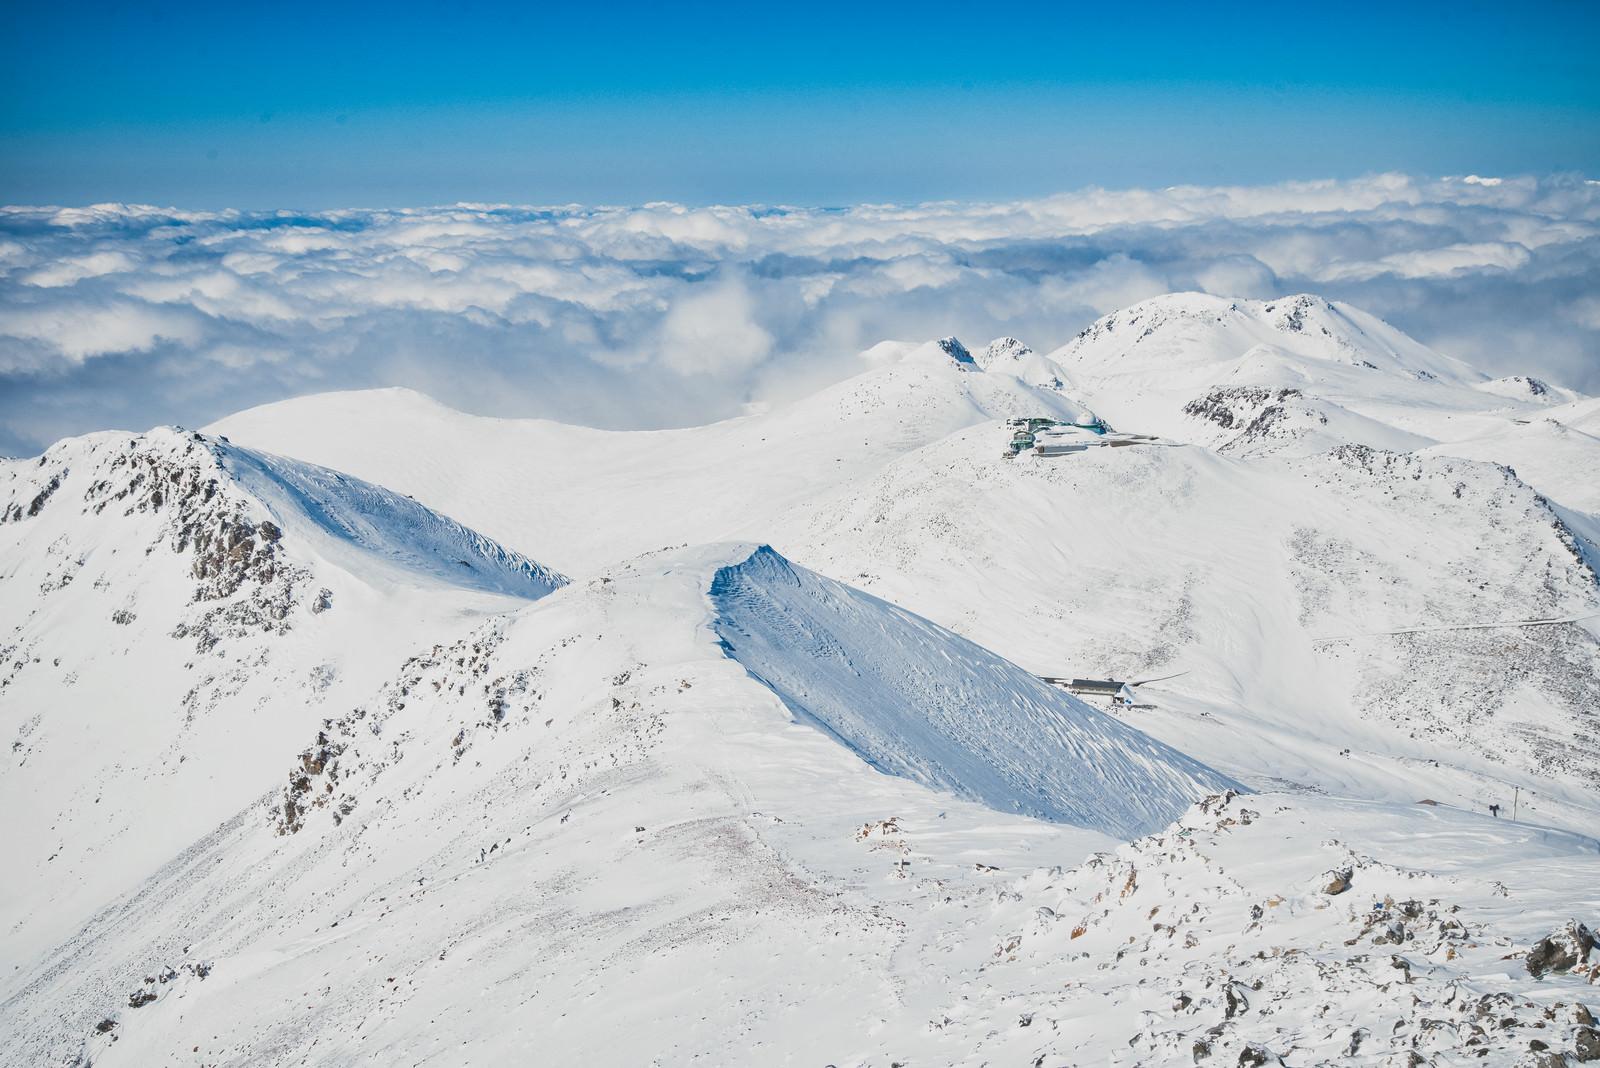 「剣ヶ峰山頂の絶景」の写真